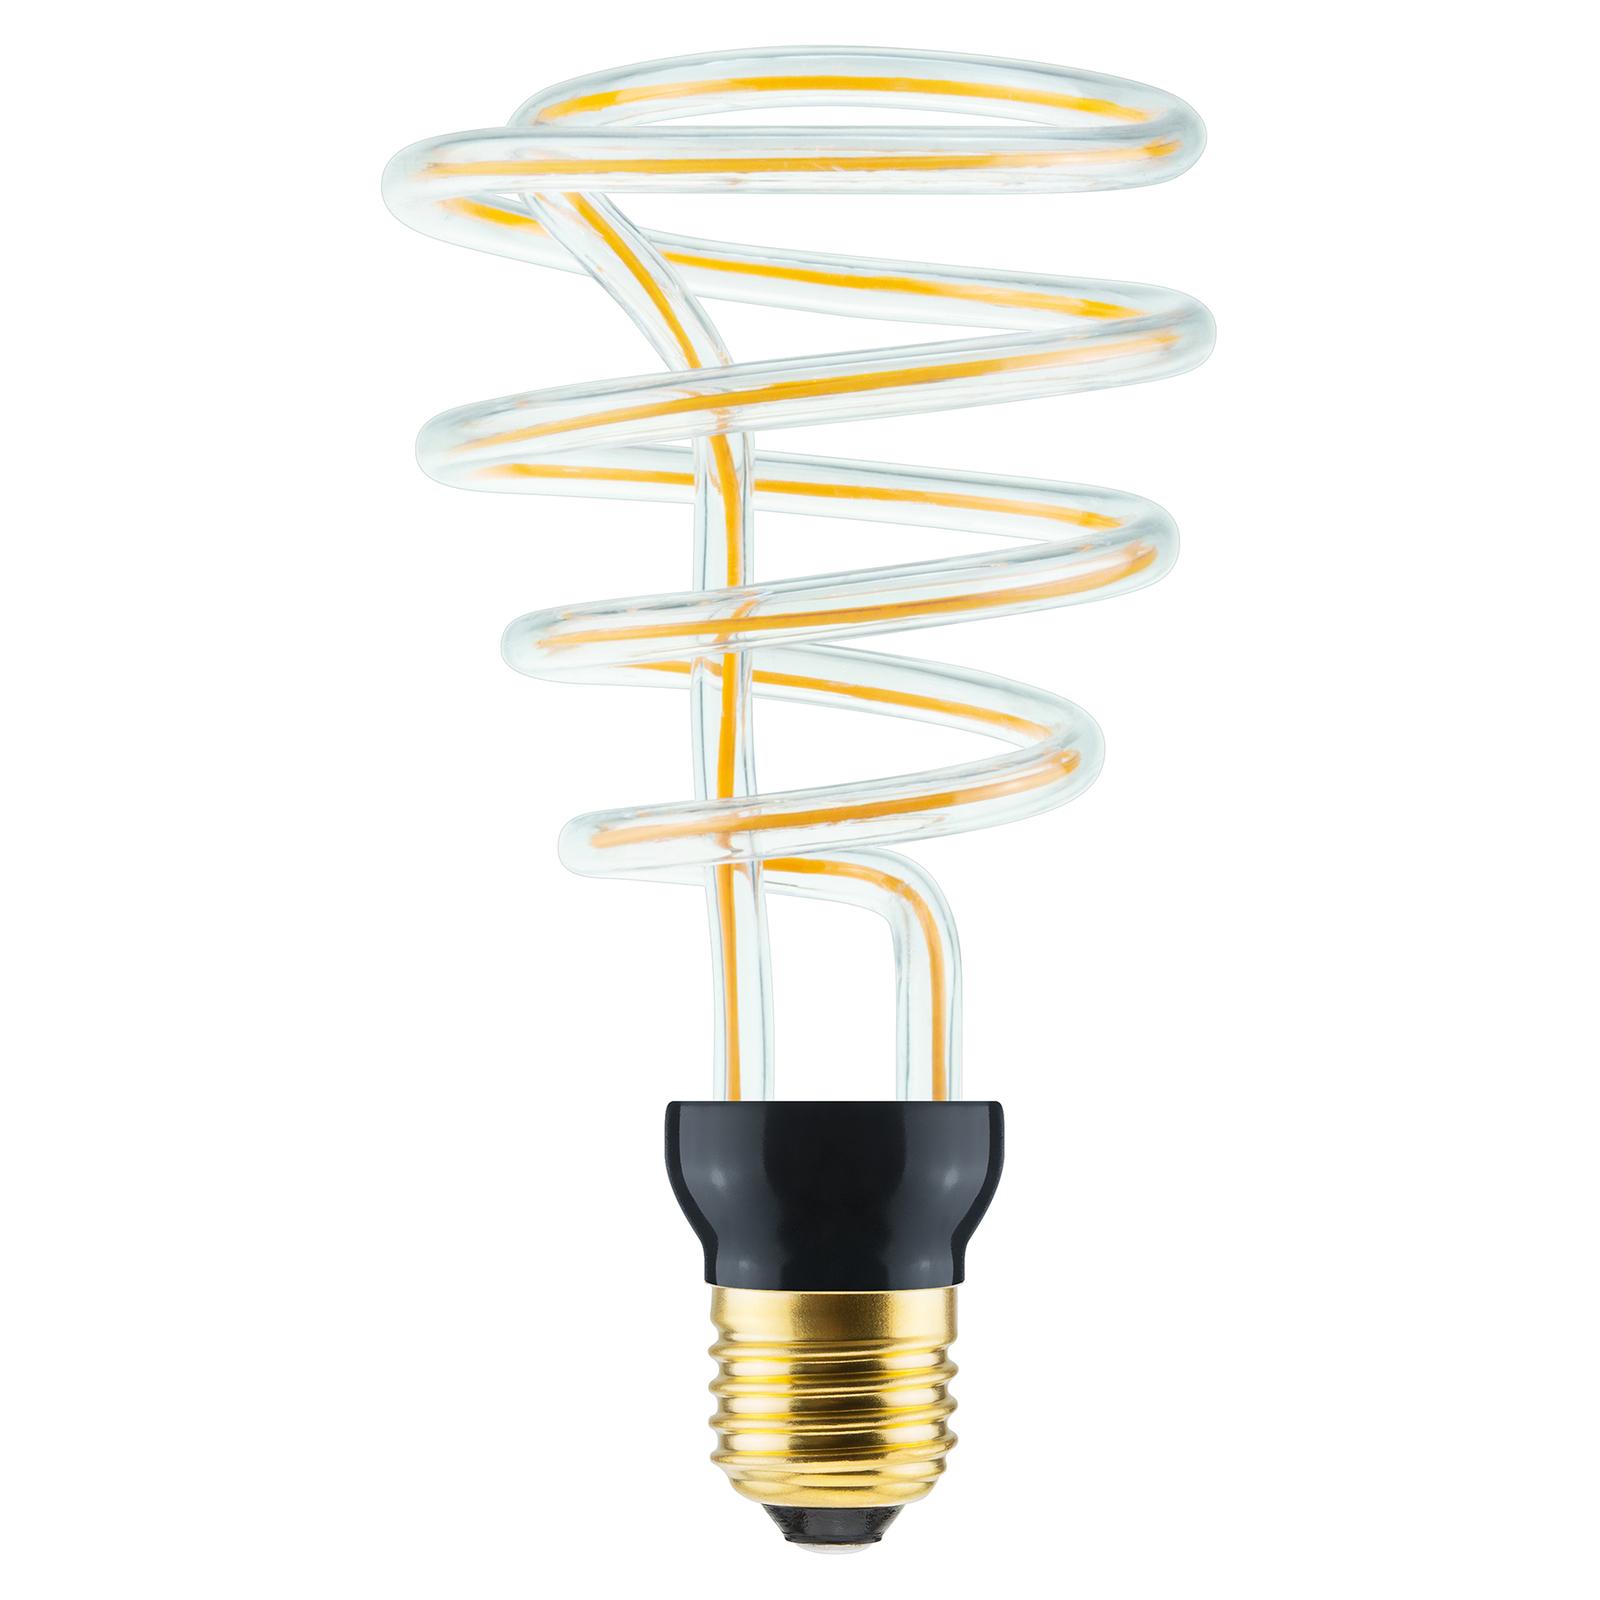 SEGULA LED-Lampe Art Taifun E27 12W 2.200K 700lm